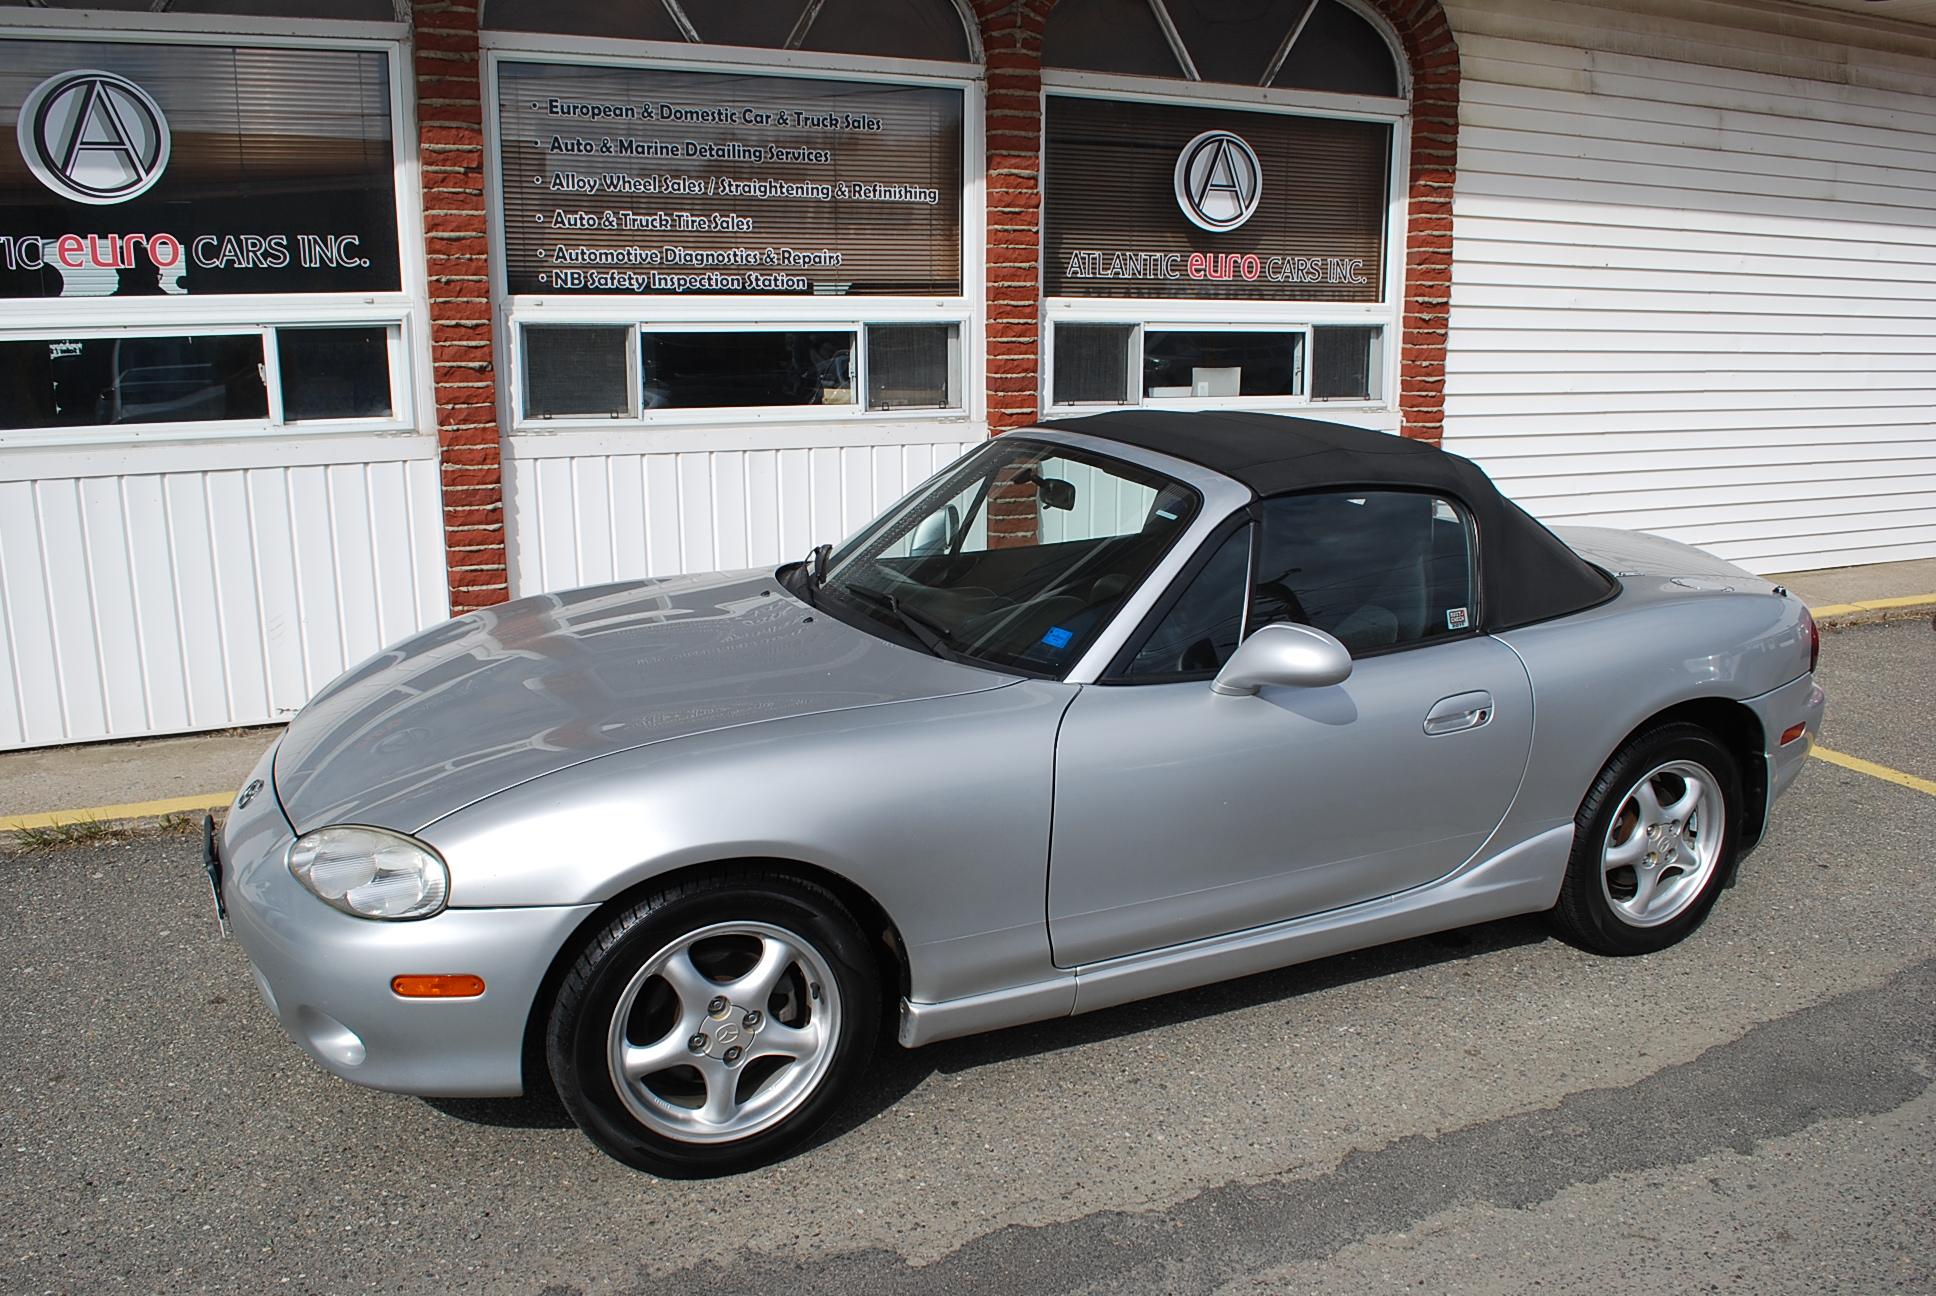 Used 2002 Mazda Miata MX 5 for sale in Saint John NB